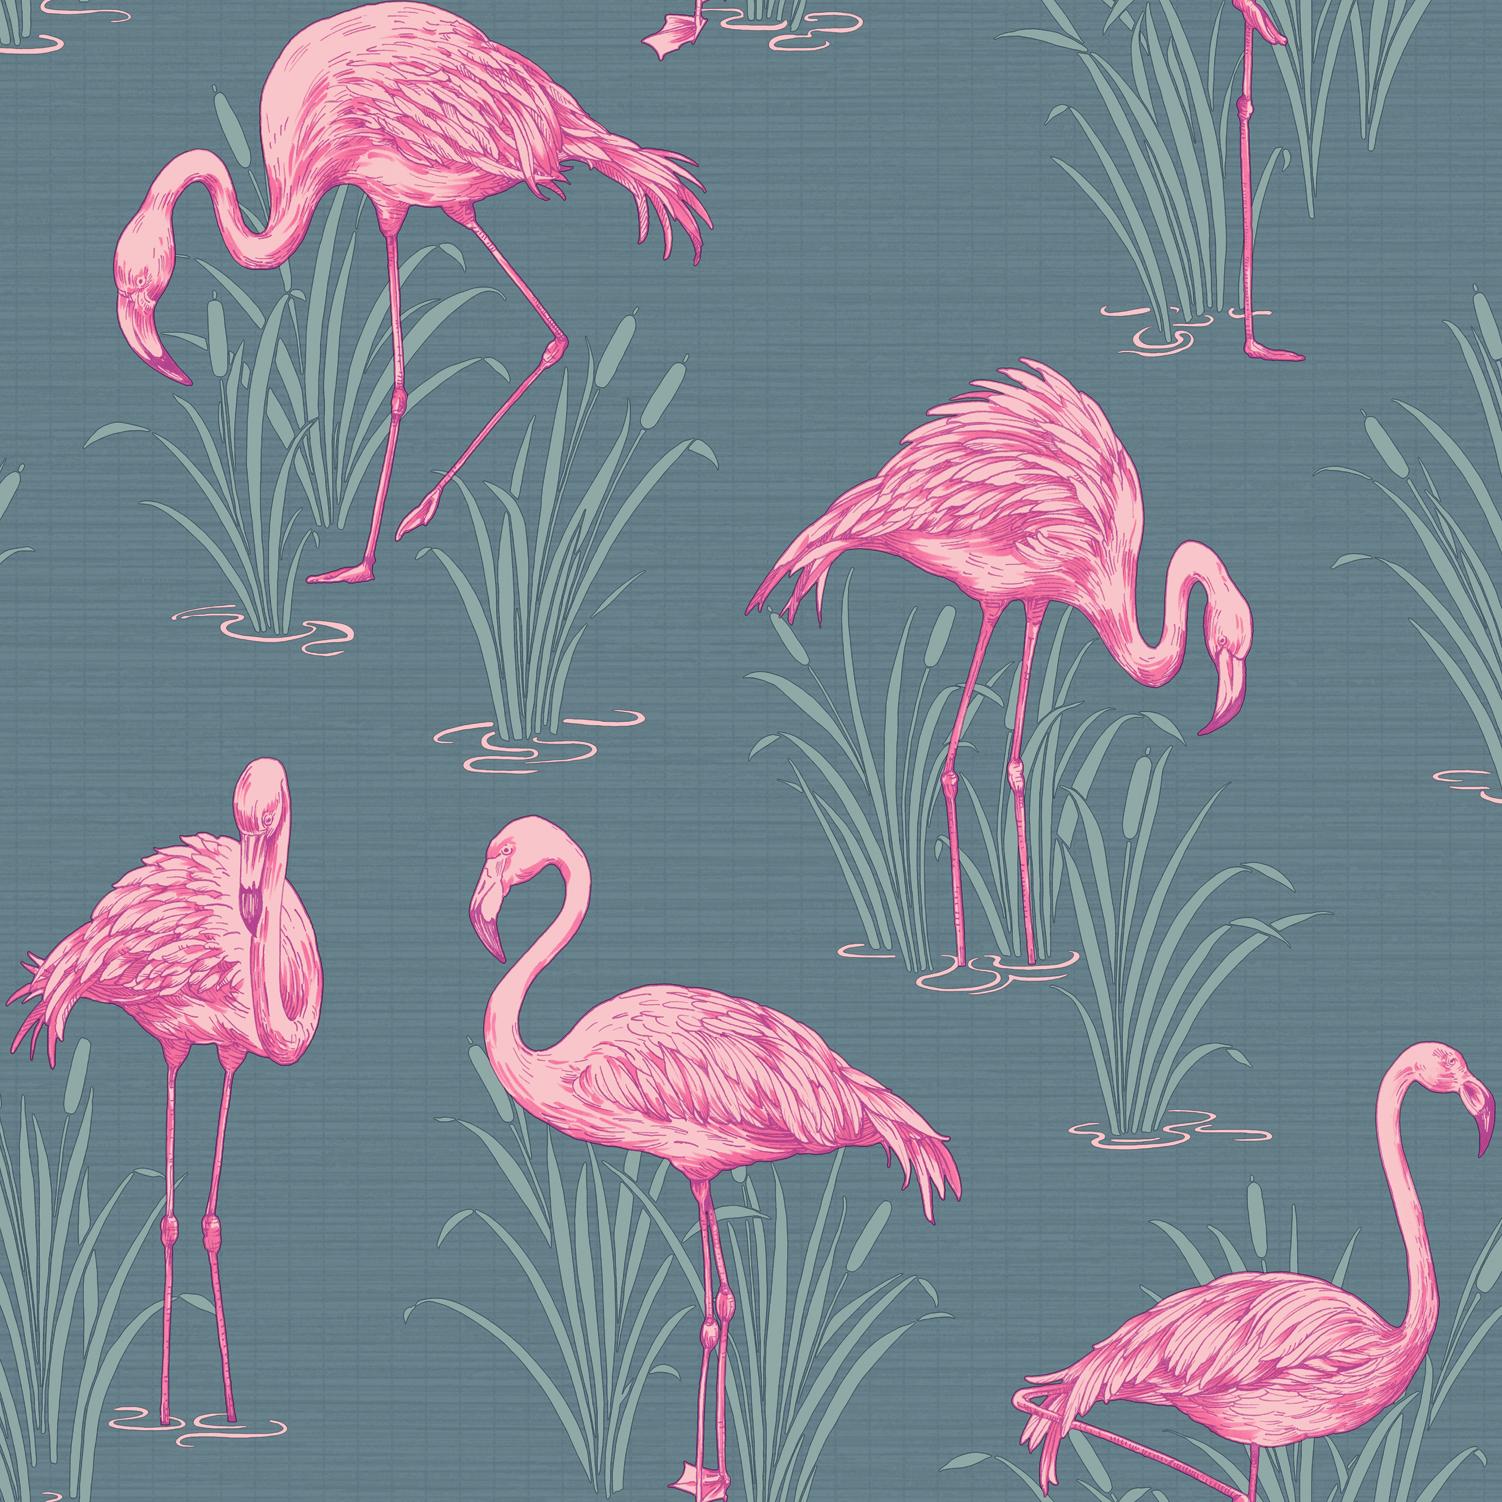 обои с фламинго для стен леруа мерлен чтоб